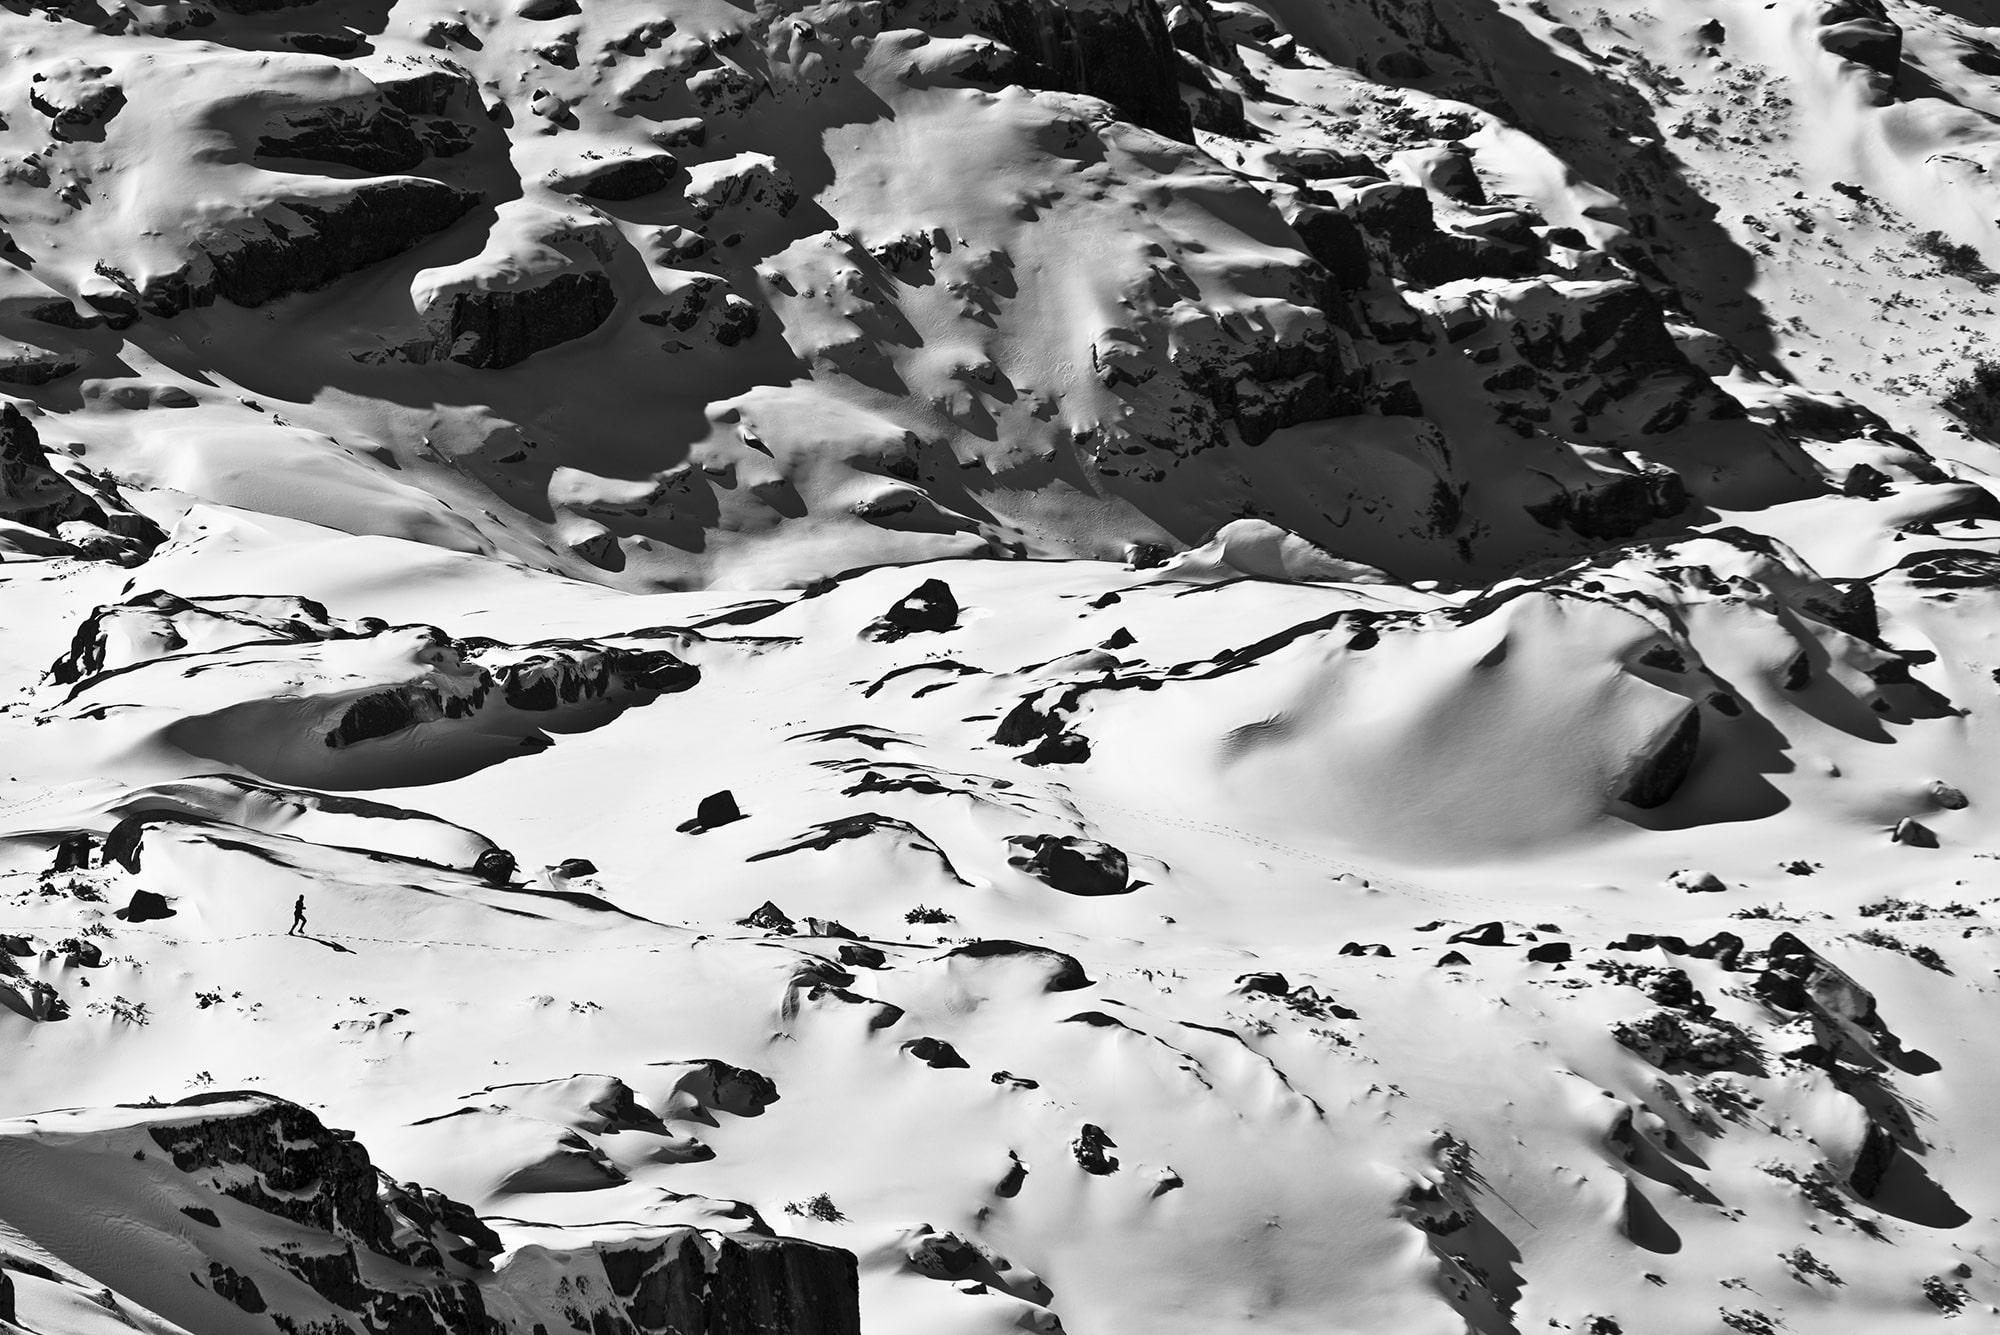 walking figure in snowy landscape